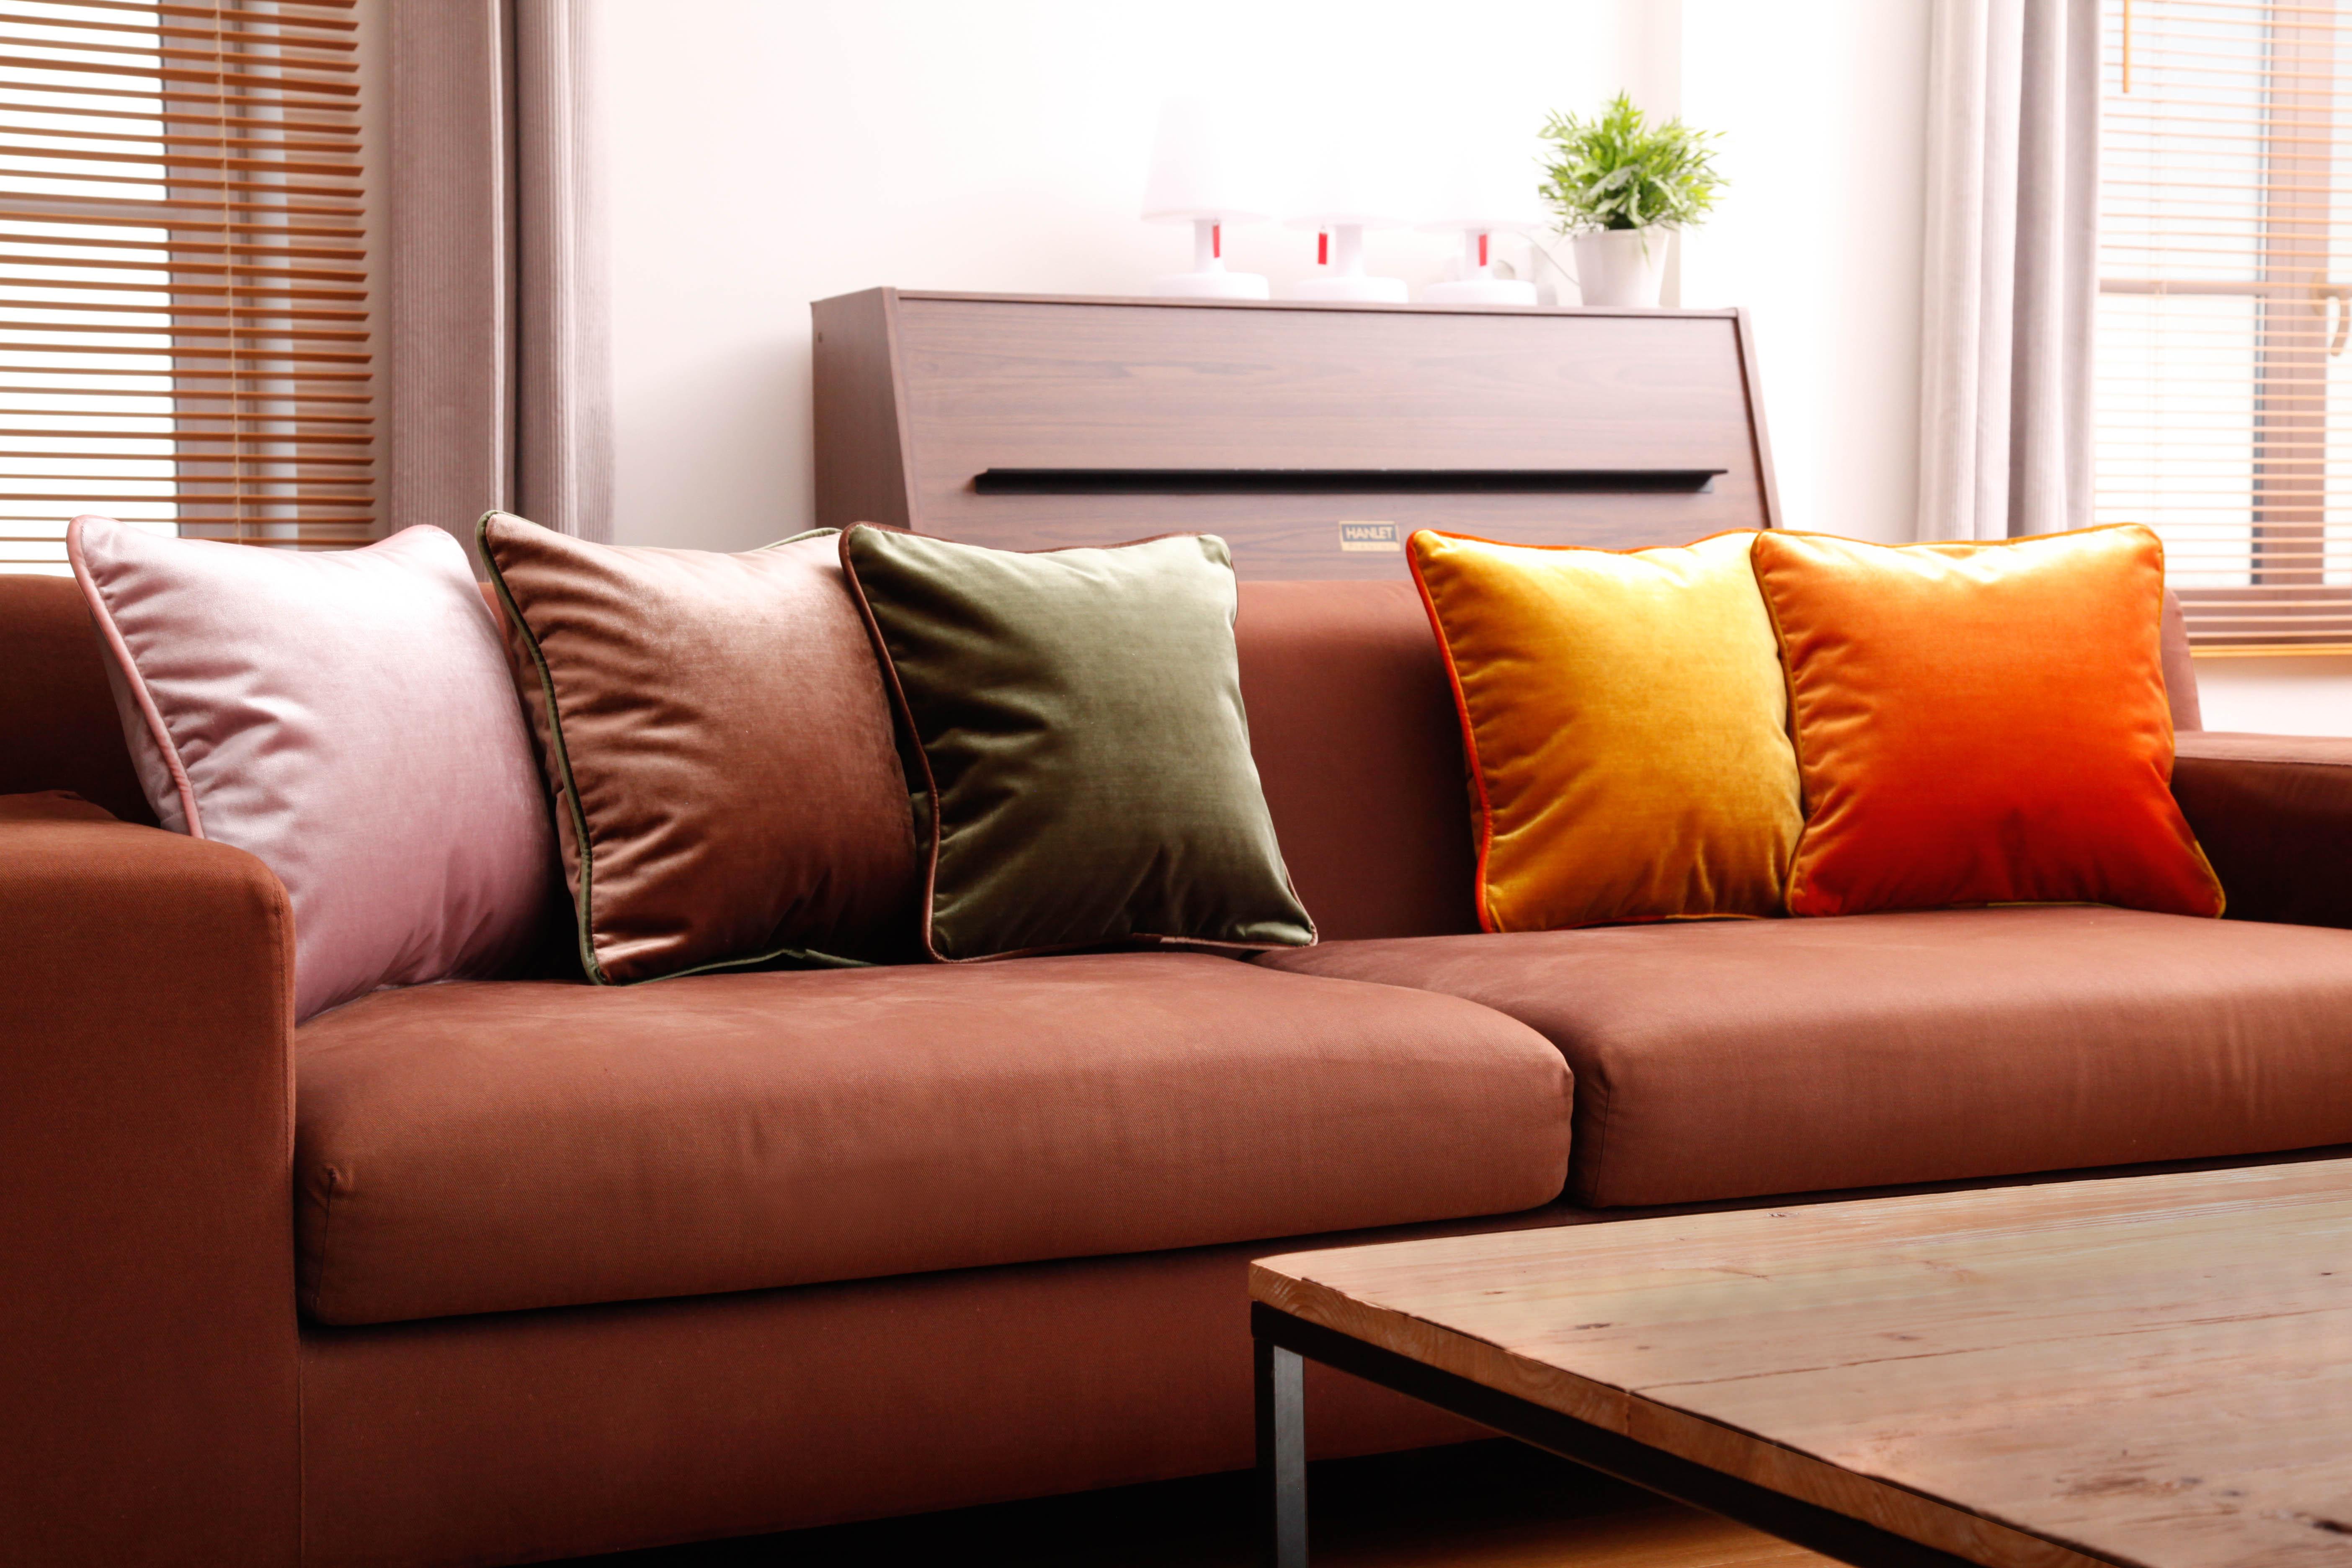 Coussins en velours rose et orange